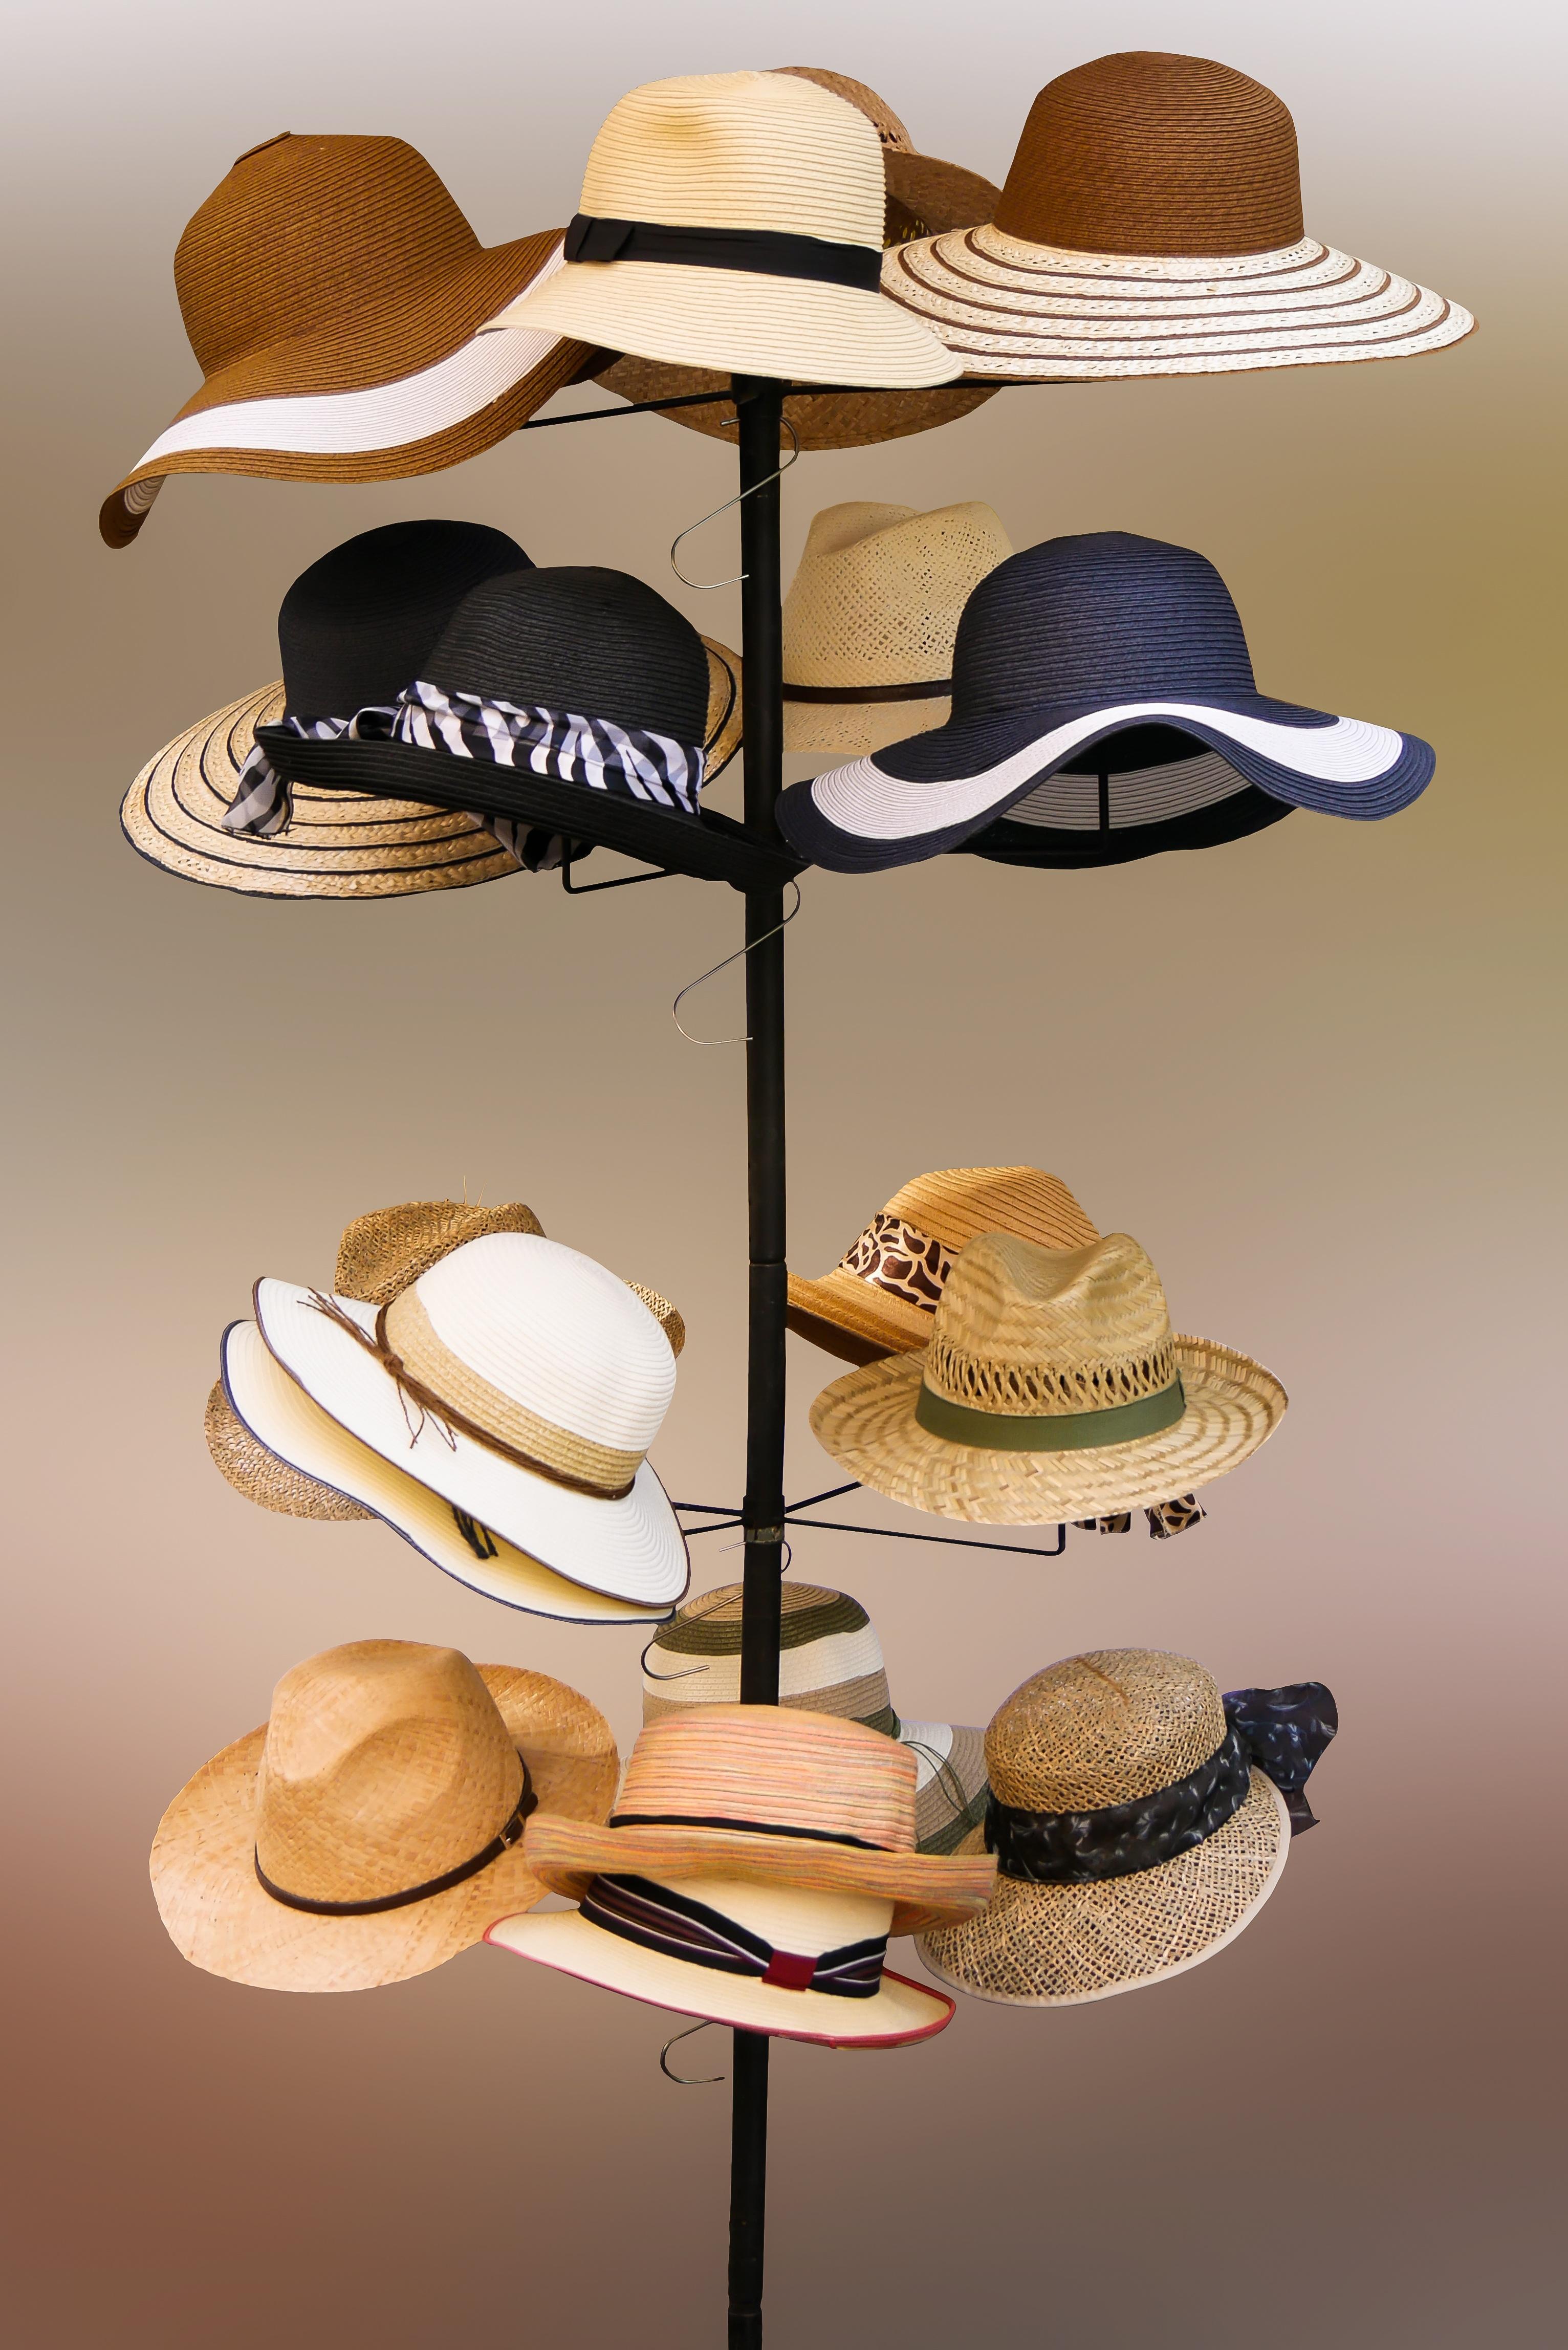 f23859556fe3e madera sombrero Moda mueble iluminación producto sombrero para el sol  ilustración lámpara venta Sombrerería sombreros Sombrero